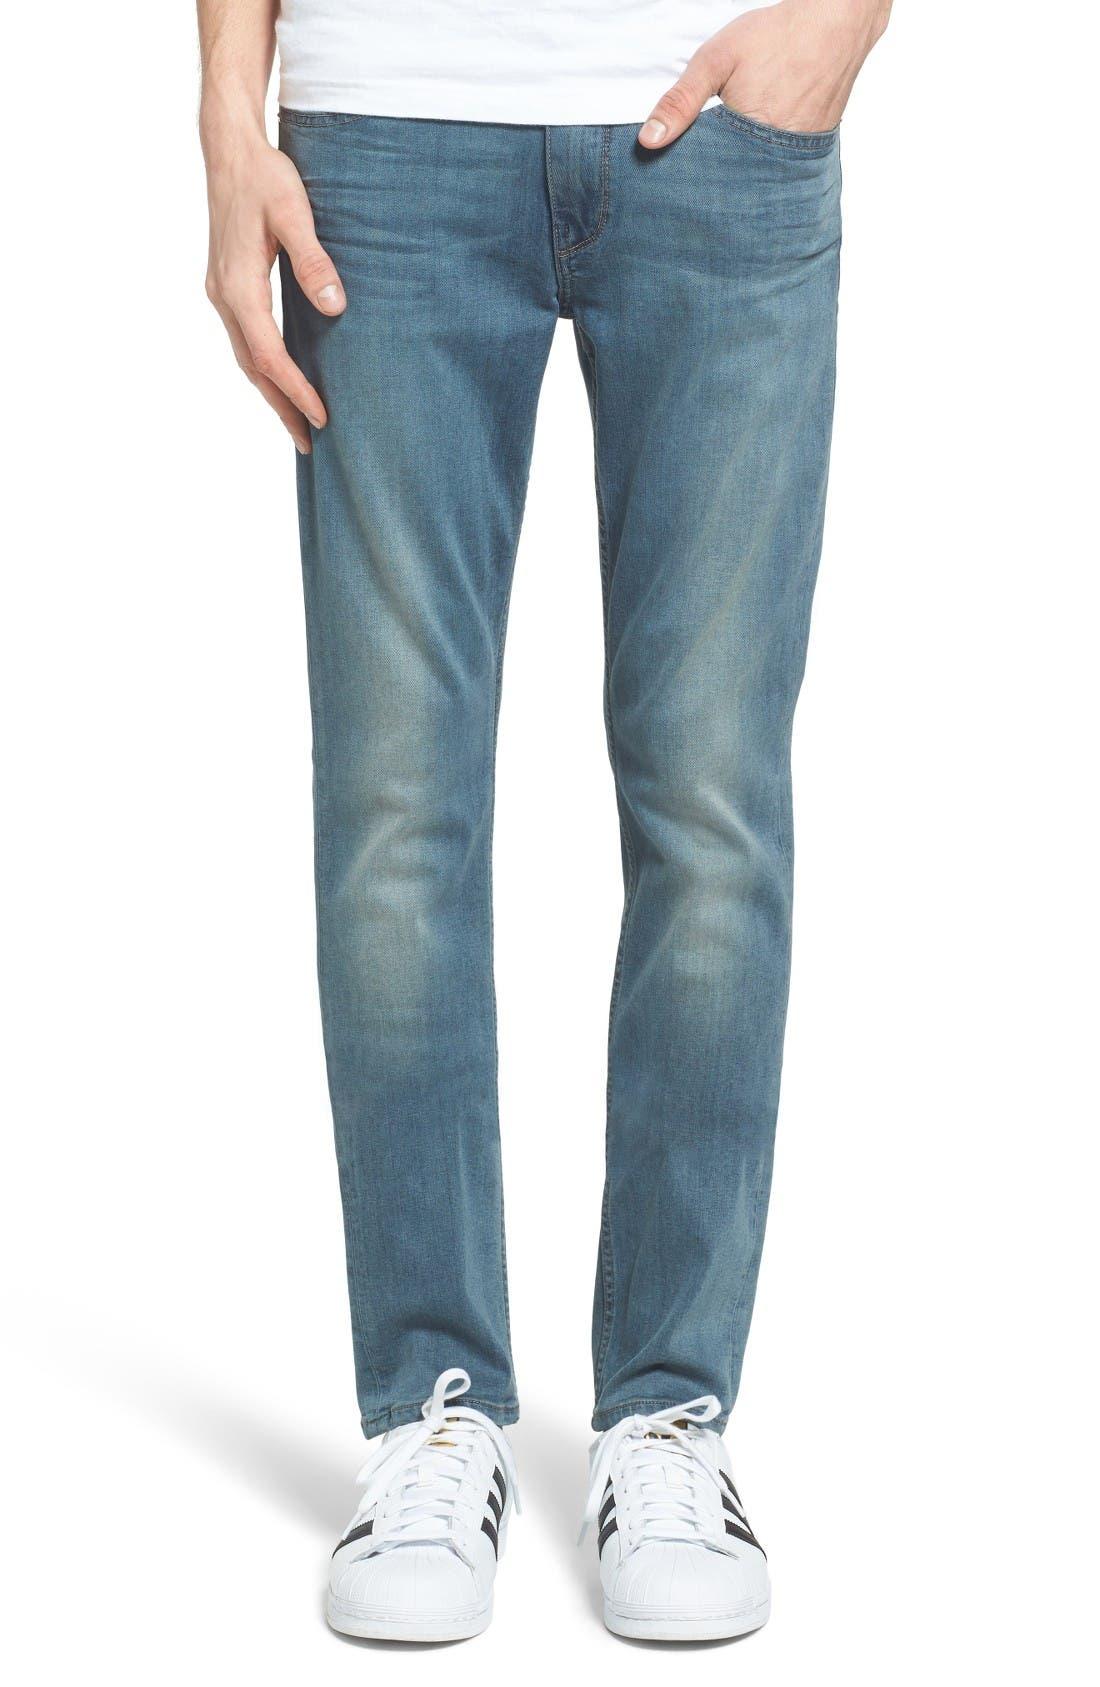 PAIGE Transcend - Lennox Slim Fit Jeans (Nation)